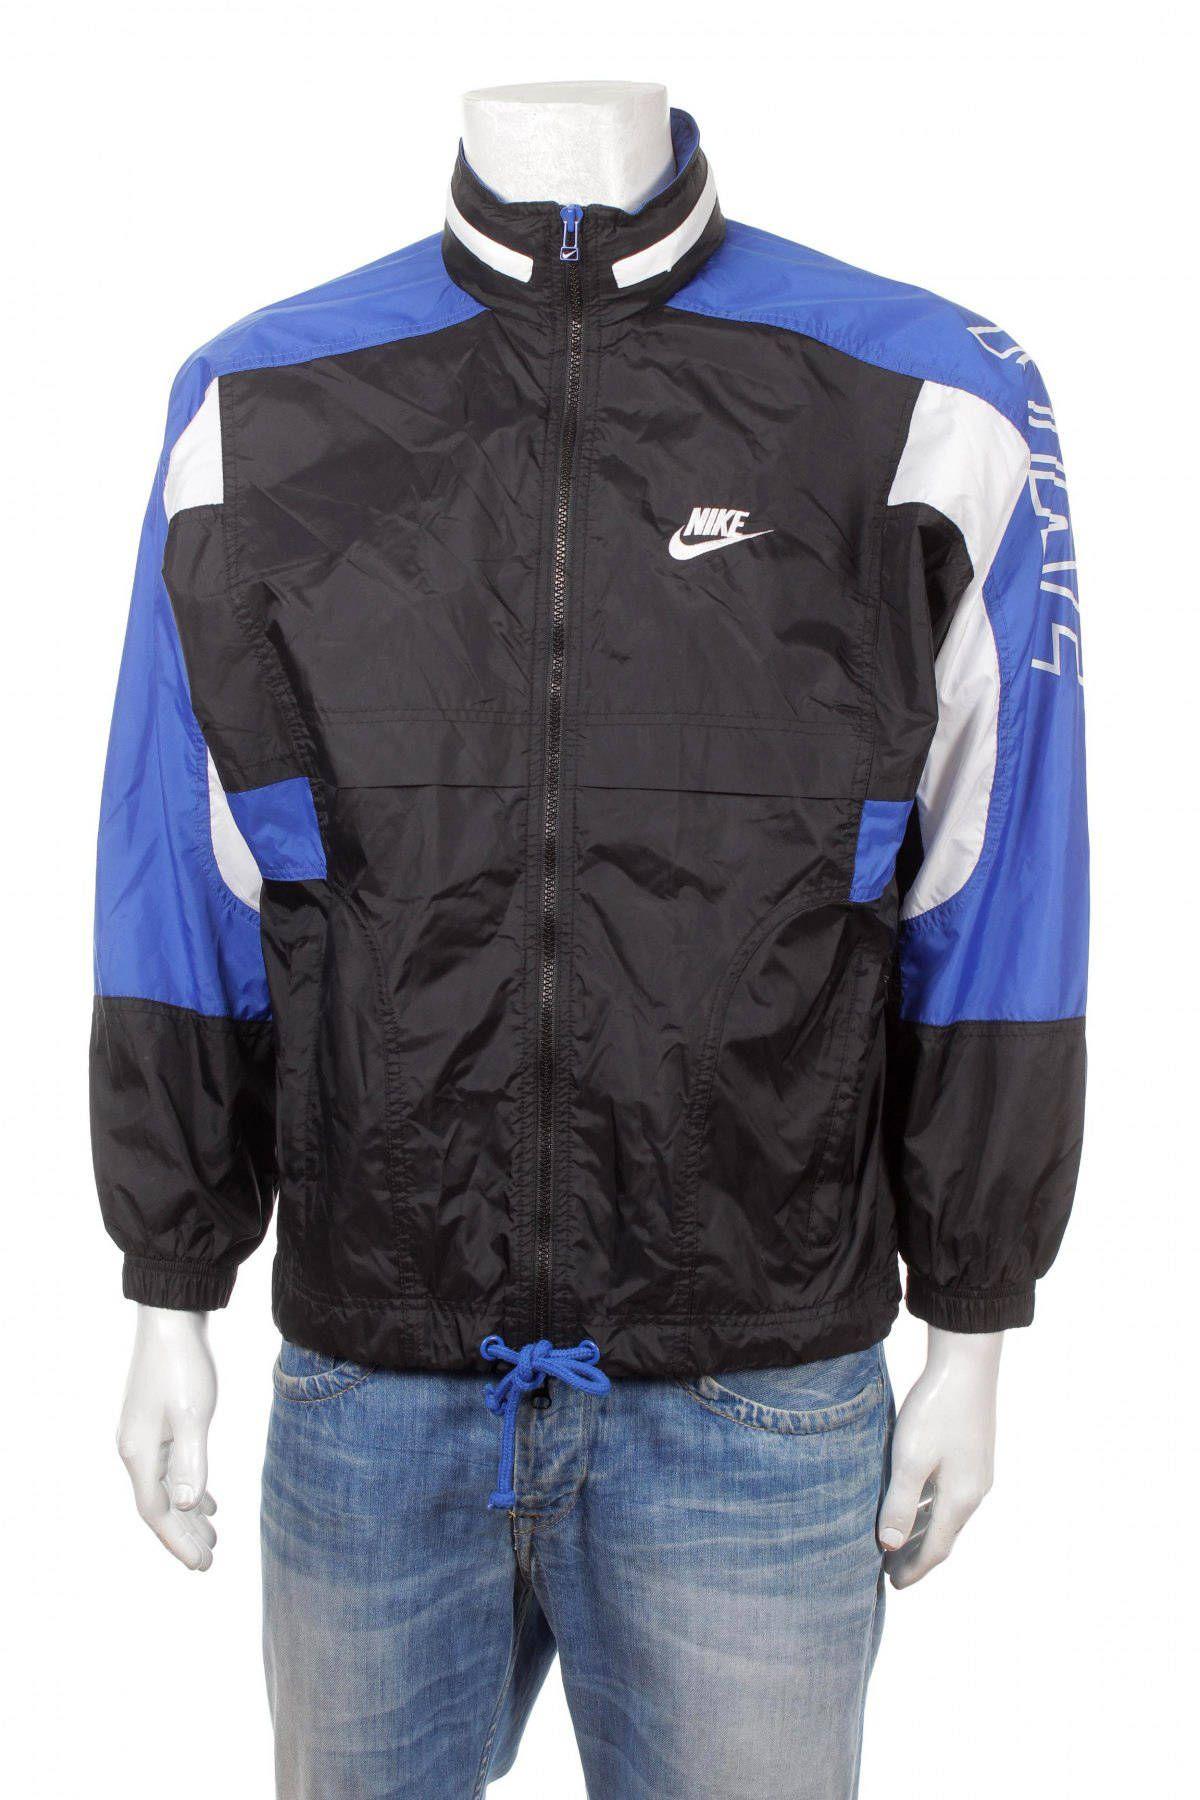 Pin On Vtg Retro 90s Jackets